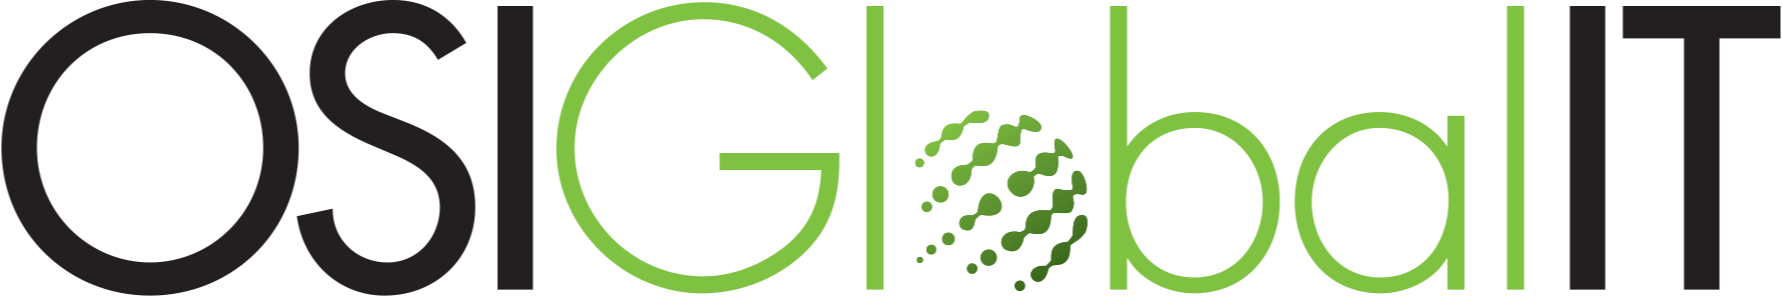 OSI Global IT